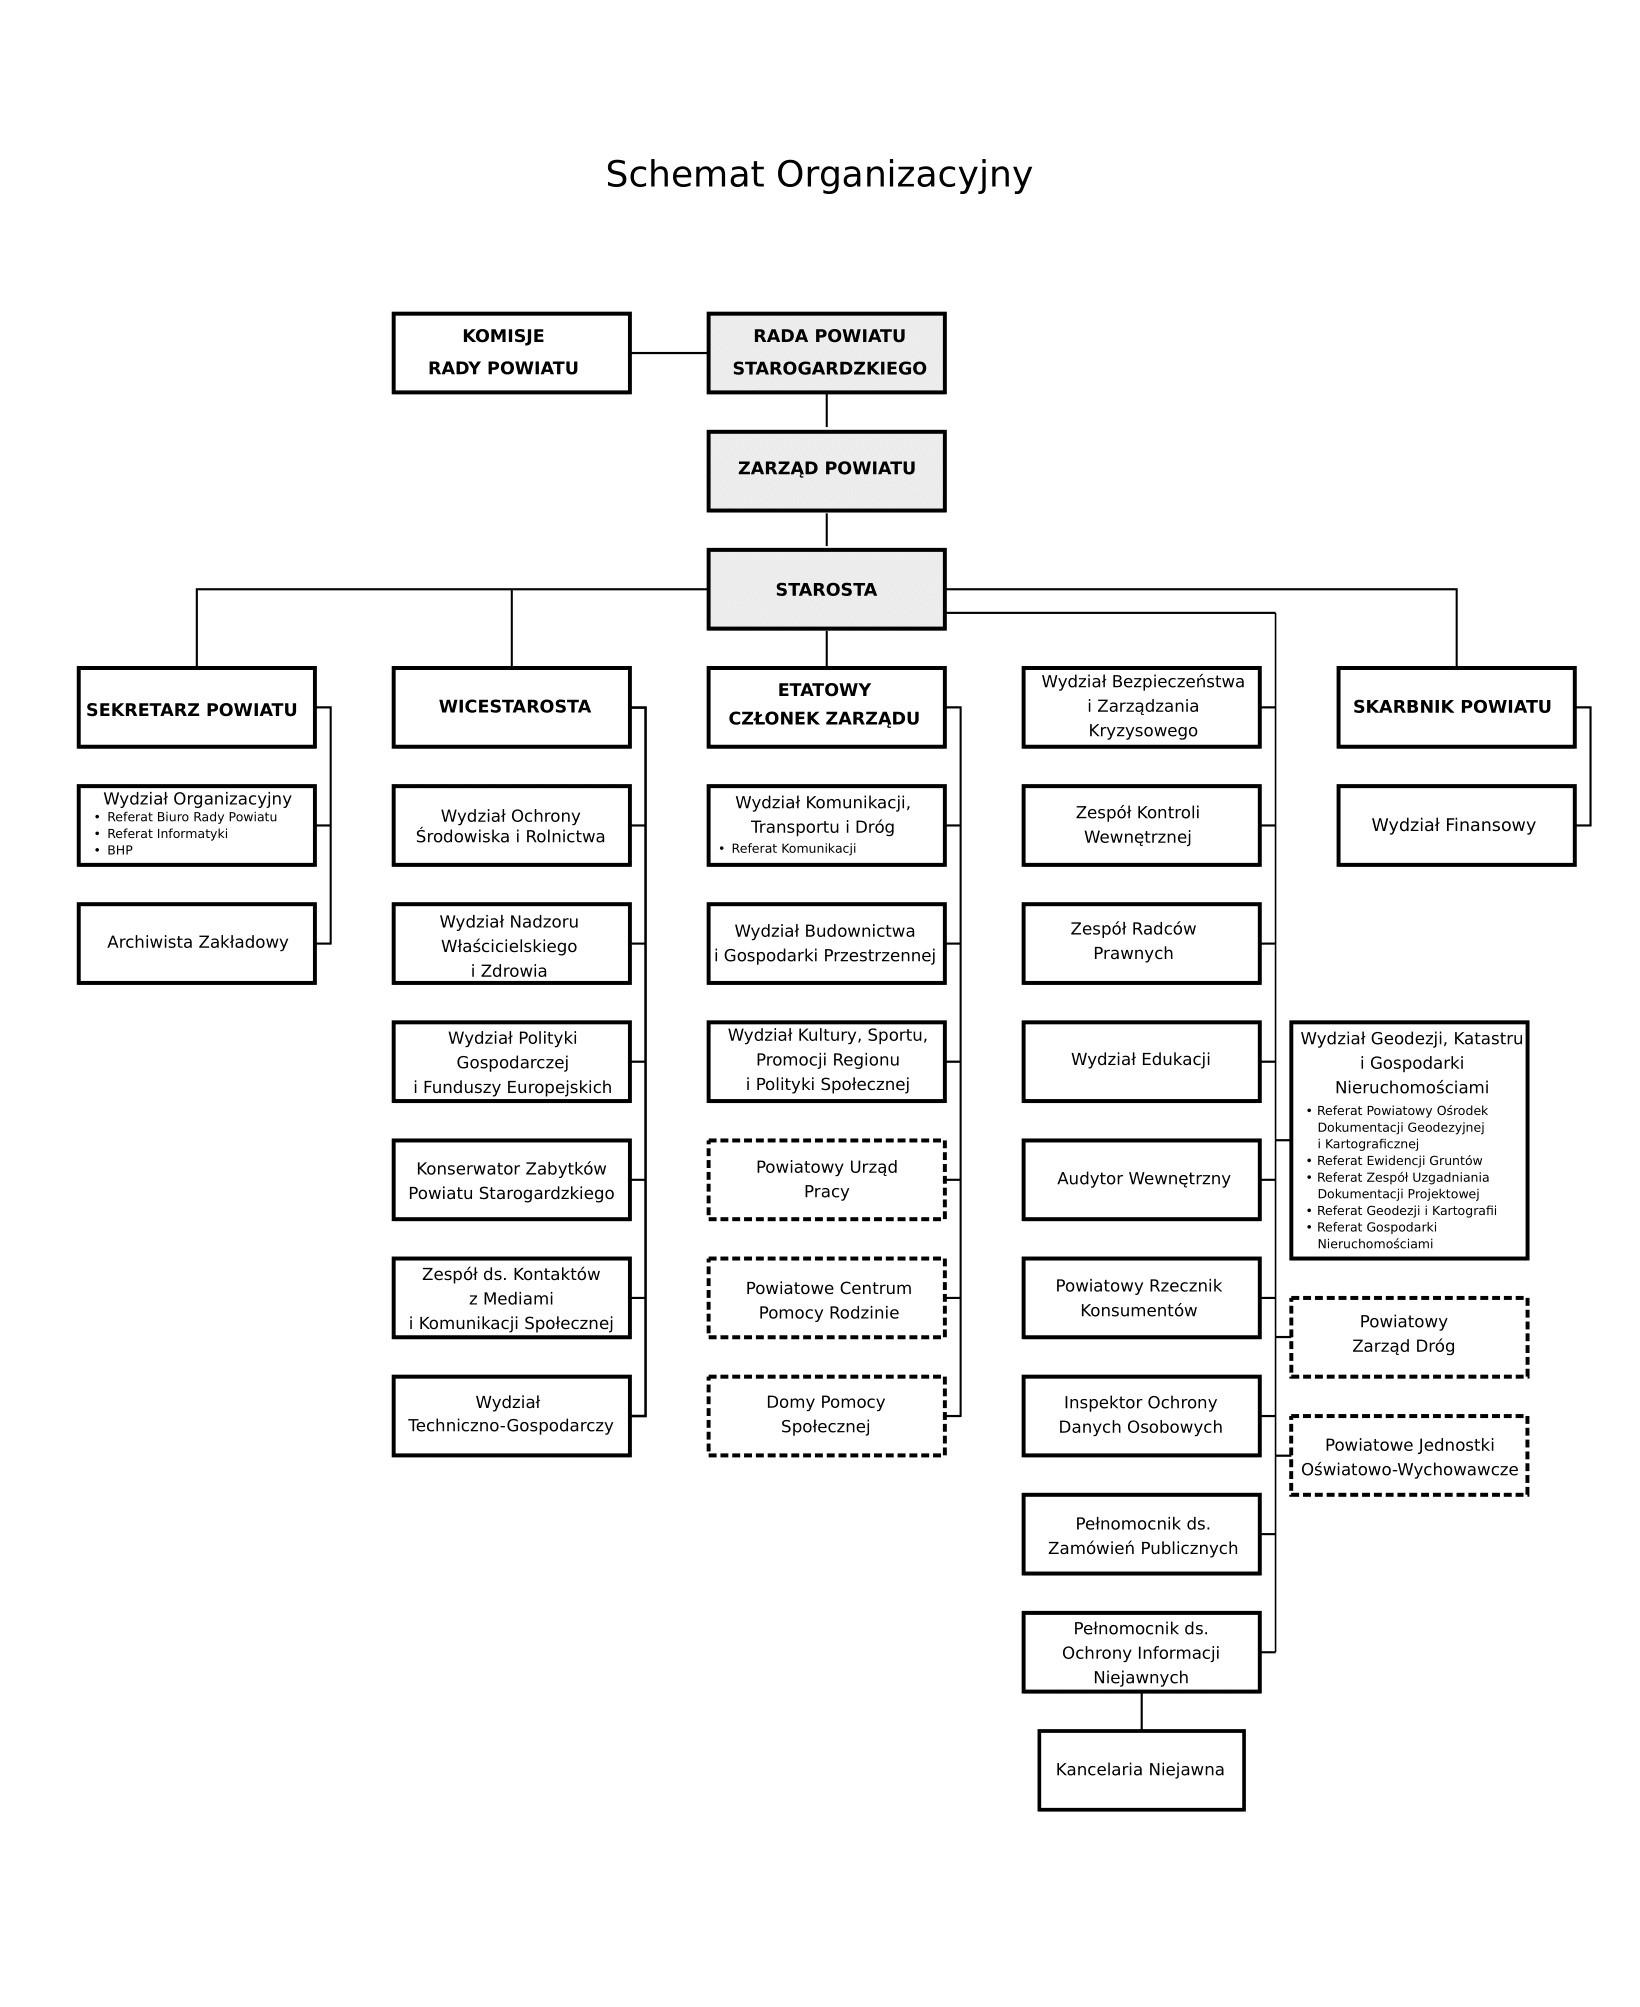 Wykres przedstawia schemat organizacyjny urzędu. Na szczycie wykresu znajdują się Rada Powiatu  Starogardzkiego wraz z komisjami RP czyli organ stanowiący prawo lokalne na poziomie powiatu, który ma także uprawnienia kontrolne względem zarządu powiatu. Rada powiatu wybiera Zarząd Powiatu w liczbie od 3 do 5 osób, w tym starostę jako jego przewodniczącego i wicestarostę oraz pozostałych członków. zarządu. Zarząd powiatu jest organem wykonawczym powiatu wykonuje uchwały rady powiatu i zadania powiatu określone przepisami prawa. Do zadań zarządu powiatu należy w szczególności: przygotowywanie projektów uchwał rady powiatu, wykonywanie uchwał rady powiatu, gospodarowanie mieniem powiatu, wykonywanie budżetu powiatu, zatrudnianie i zwalnianie kierowników jednostek organizacyjnych powiatu. Starosta oprócz zadań przewidzianych dla zarządu powiatu wykonuje inne zadania przewidziane w ustawie o samorządzie powiatowym. Starosta organizuje pracę zarządu powiatu i starostwa powiatowego, kieruje bieżącymi sprawami powiatu oraz reprezentuje powiat na zewnątrz.   Staroście podlegają Sekretarz Powiatu, Skarbnik Powiatu oraz Wydział Bezpieczeństwa, Zespół Kontroli Wewnętrznej, Zespół Radców Prawnych, Wydział Edukacji, Audytor Wewnętrzny, Powiatowy Rzecznik Konsumentów, Inspektor Ochrony Danych Osobowych, Pełnomocnik ds. Zamówień Publicznych i Pełnomocnik ds. Ochrony Informacji Niejawnych, Wydział geodezji, Katastru  i  Gospodarki Nieruchomościami, Powiatowy Zarząd Dróg i Powiatowe Jednostki Oświatowo Wychowawcze.  Wicestaroście podlegają Wydział Ochrony Środowiska, Wydział Nadzoru Właścicielskiego, Wydział Polityki Gospodarczej i Funduszy Europejskich, Konserwator Zabytków, Zespół ds. Kontaktów z Mediami i Komunikacji Społecznej oraz Wydział Techniczno-Gospodarczy.  Etatowemu Członkowi Zarządu podlegają Wydział Komunikacji i Dróg, Wydział Budownictwa i Gospodarki Przestrzennej oraz Wydział Kultury, Sportu i Promocji Regionu oraz jednostki powiatu tj. Powiatowy Urząd Pracy, Powiatowe